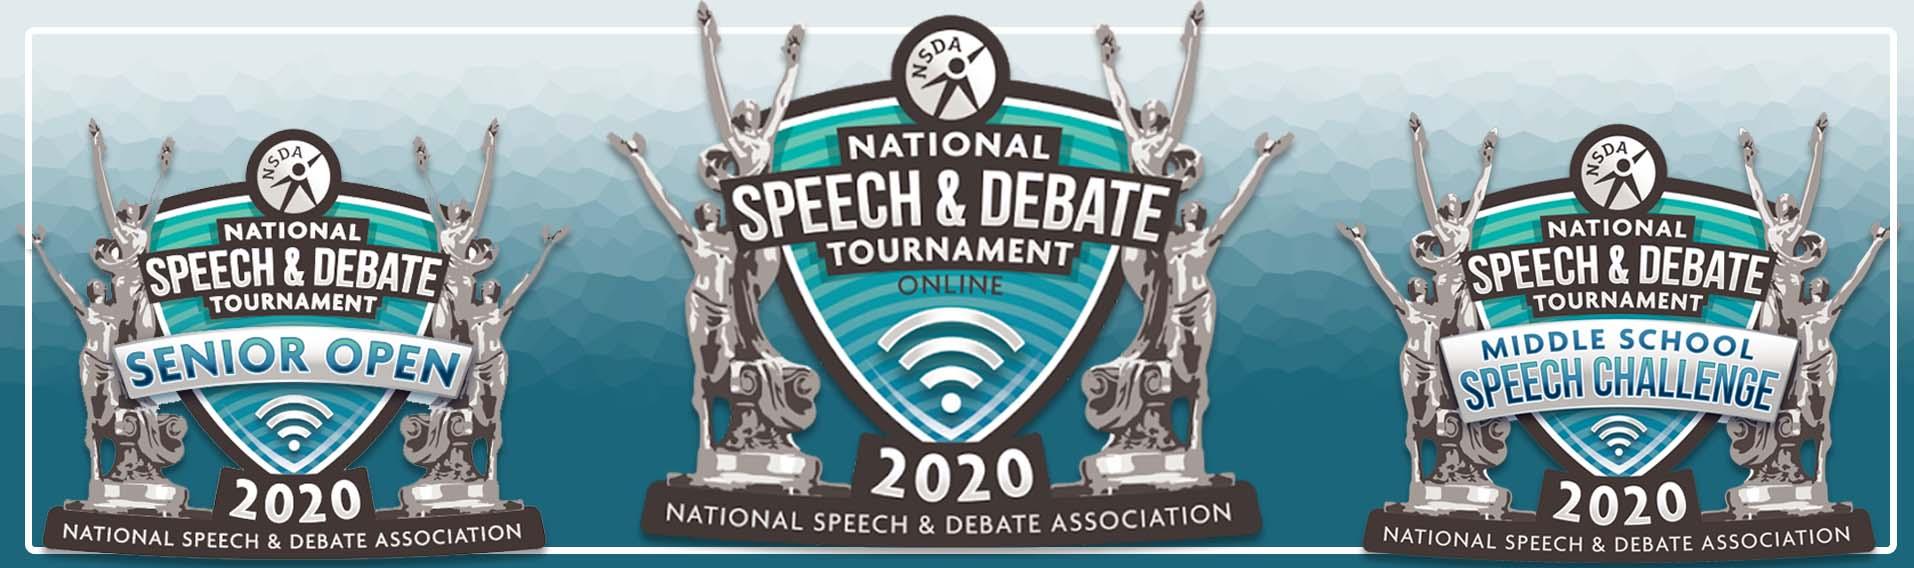 National Speech and Debate 2020 Online Tournament